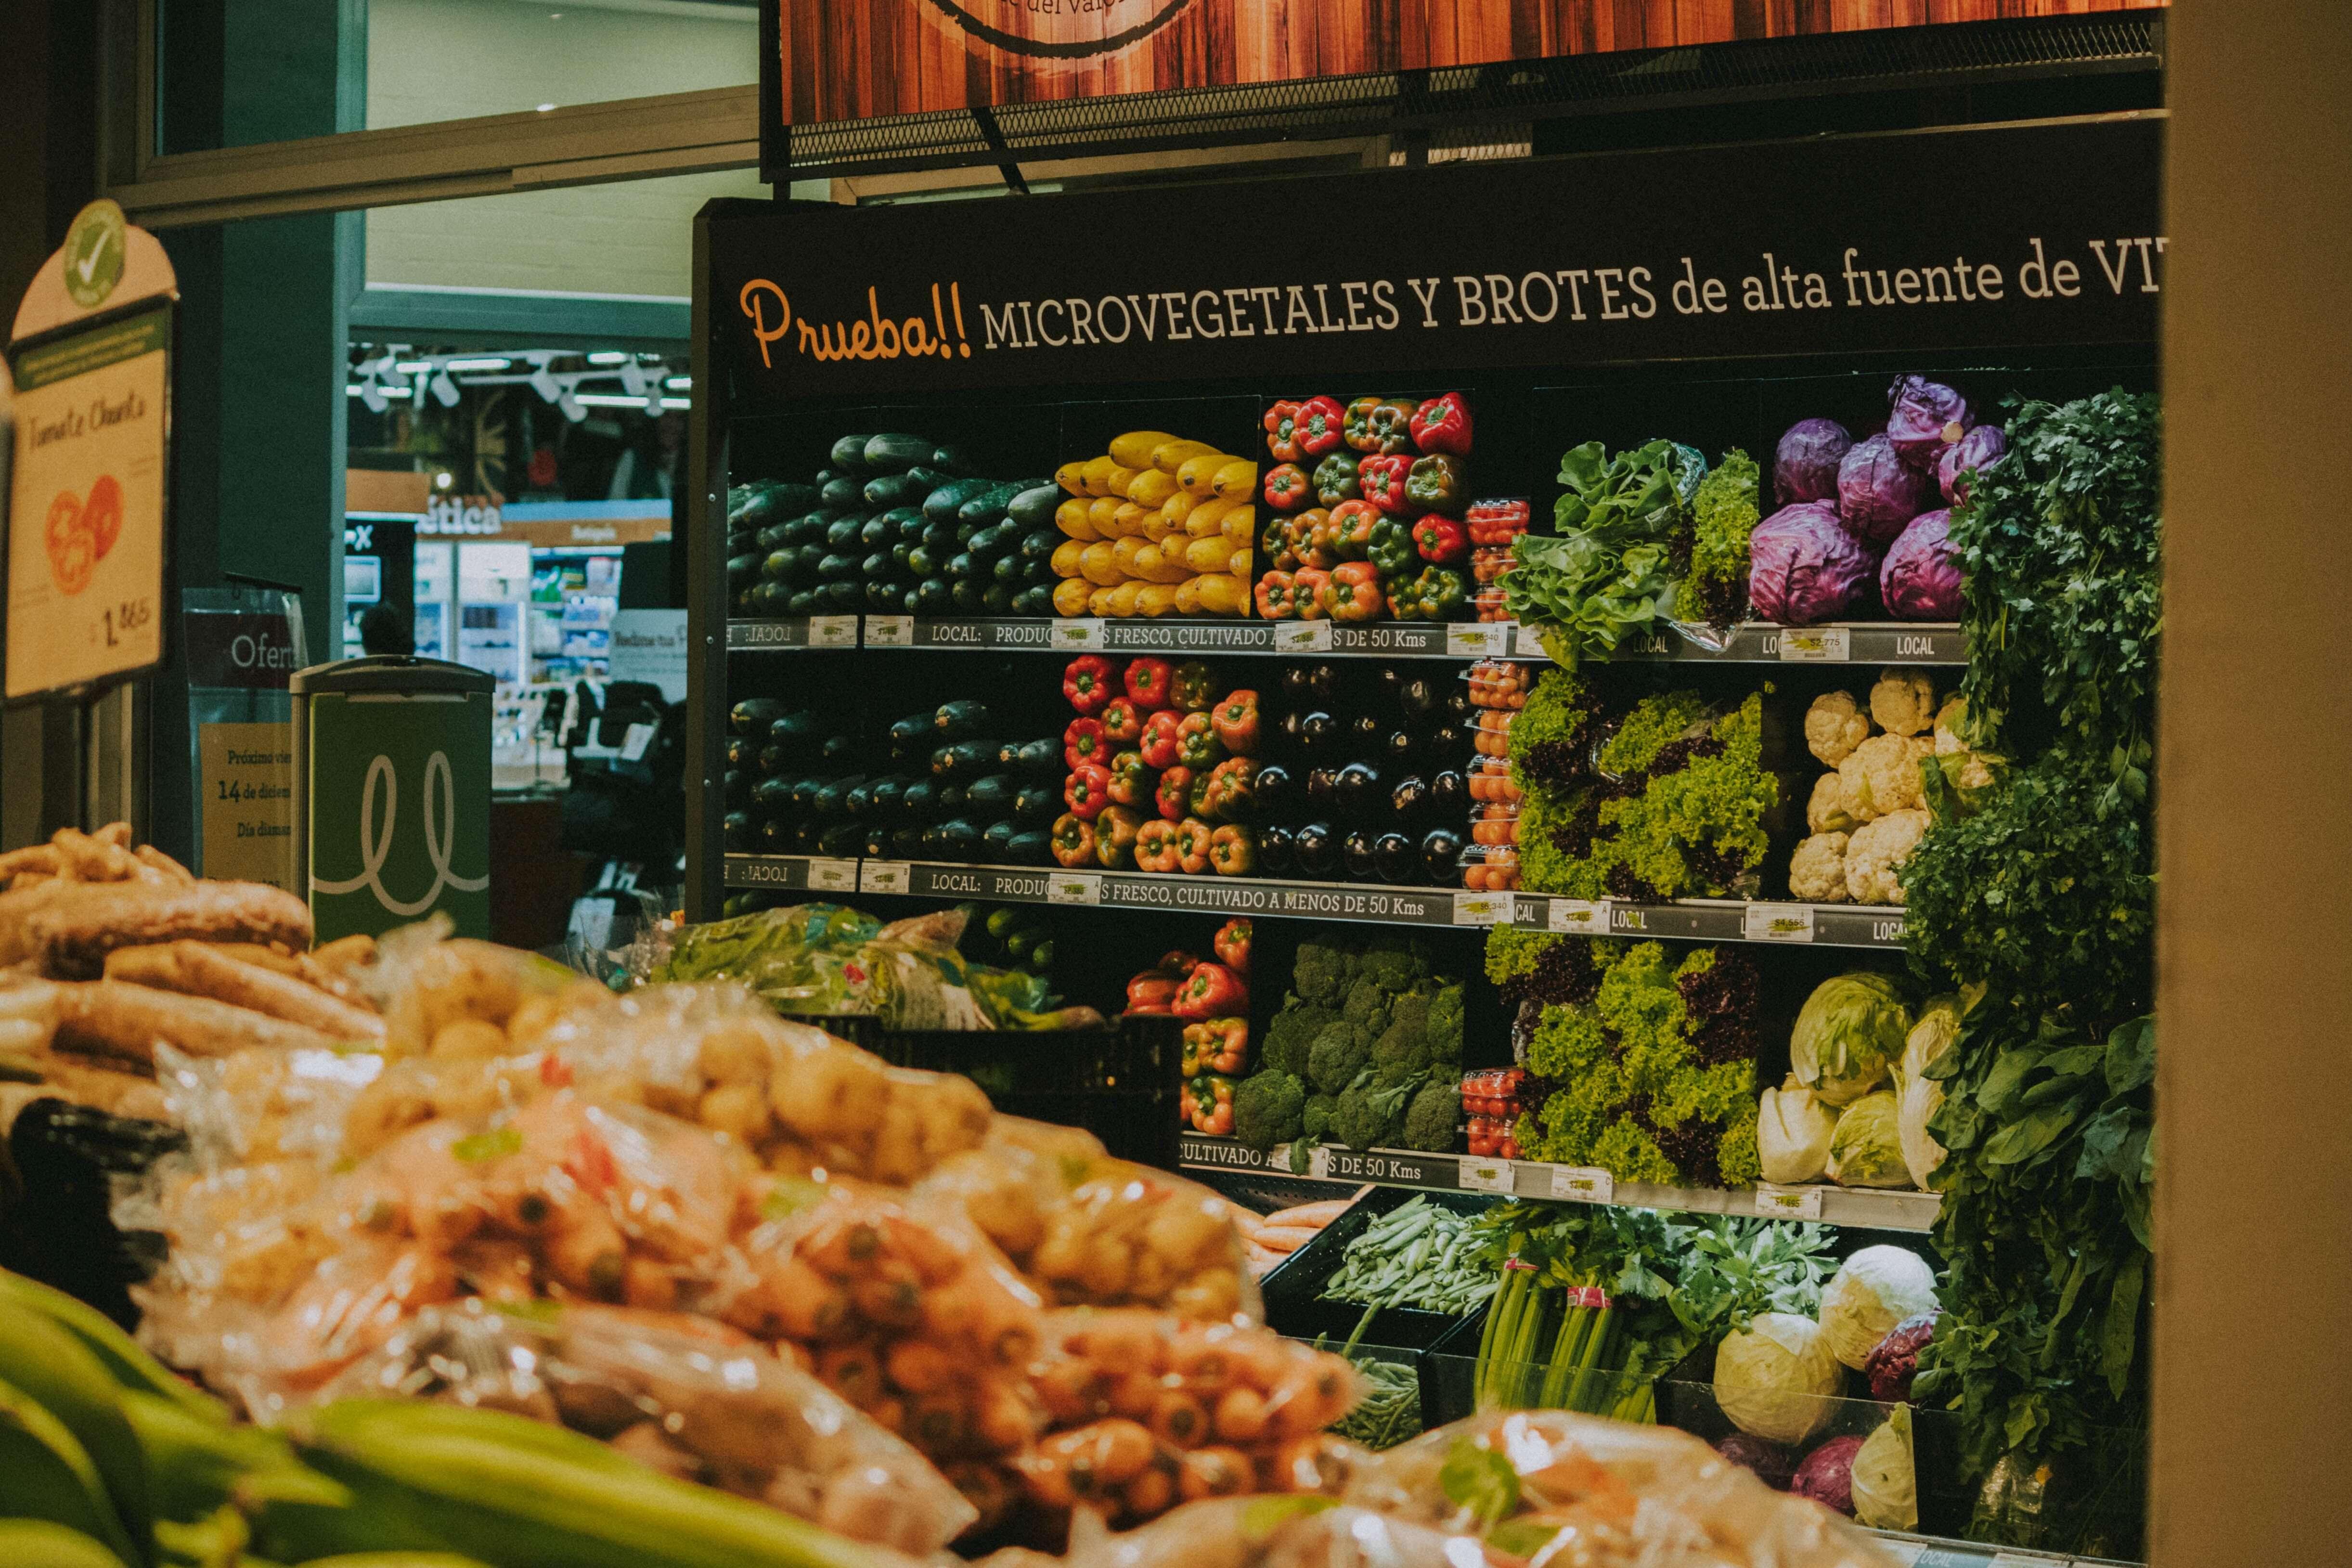 Einkäufer in der Lebensmittelbranche